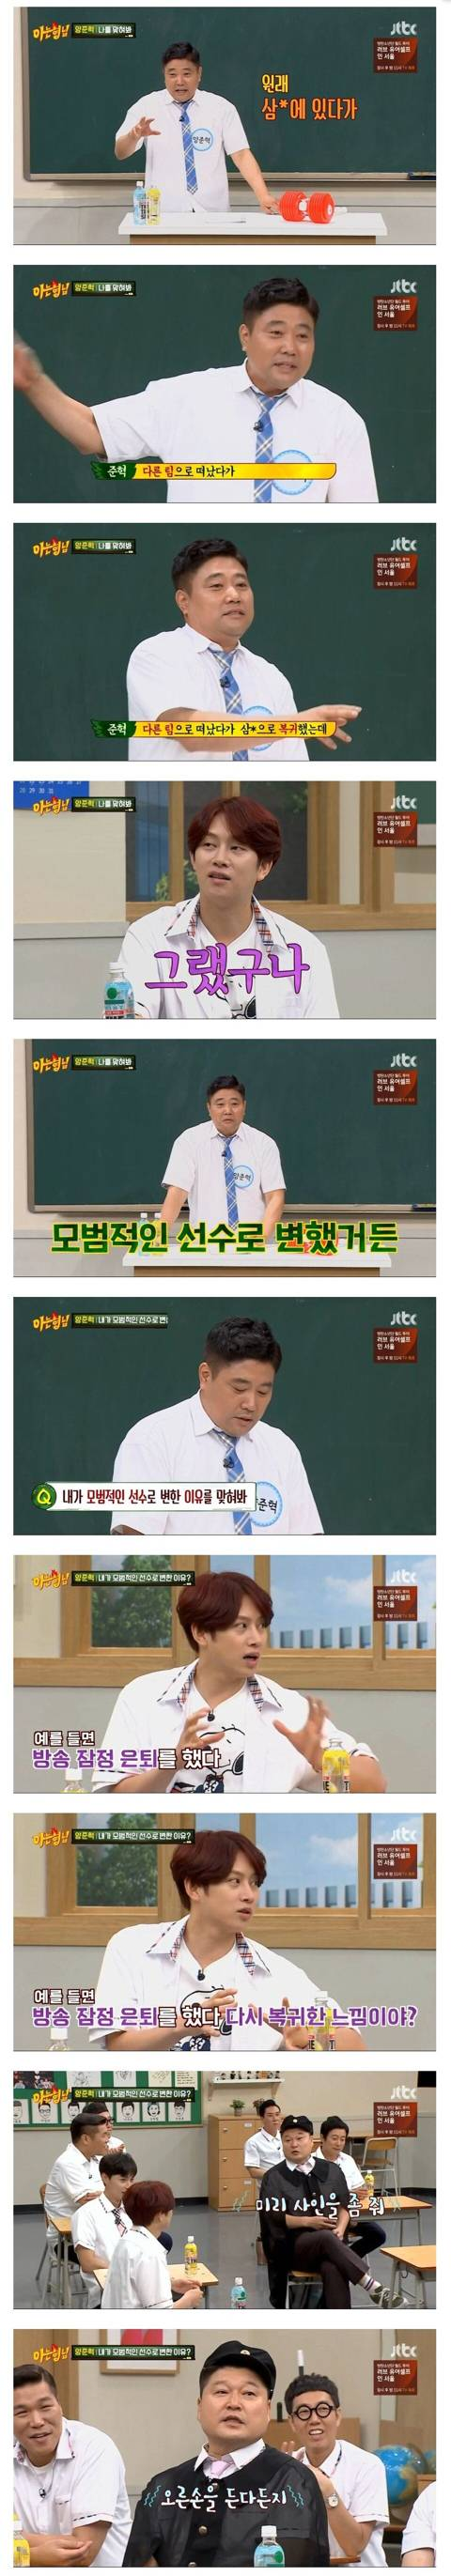 김희철이 한국말을 이해하는 방법 | 인스티즈